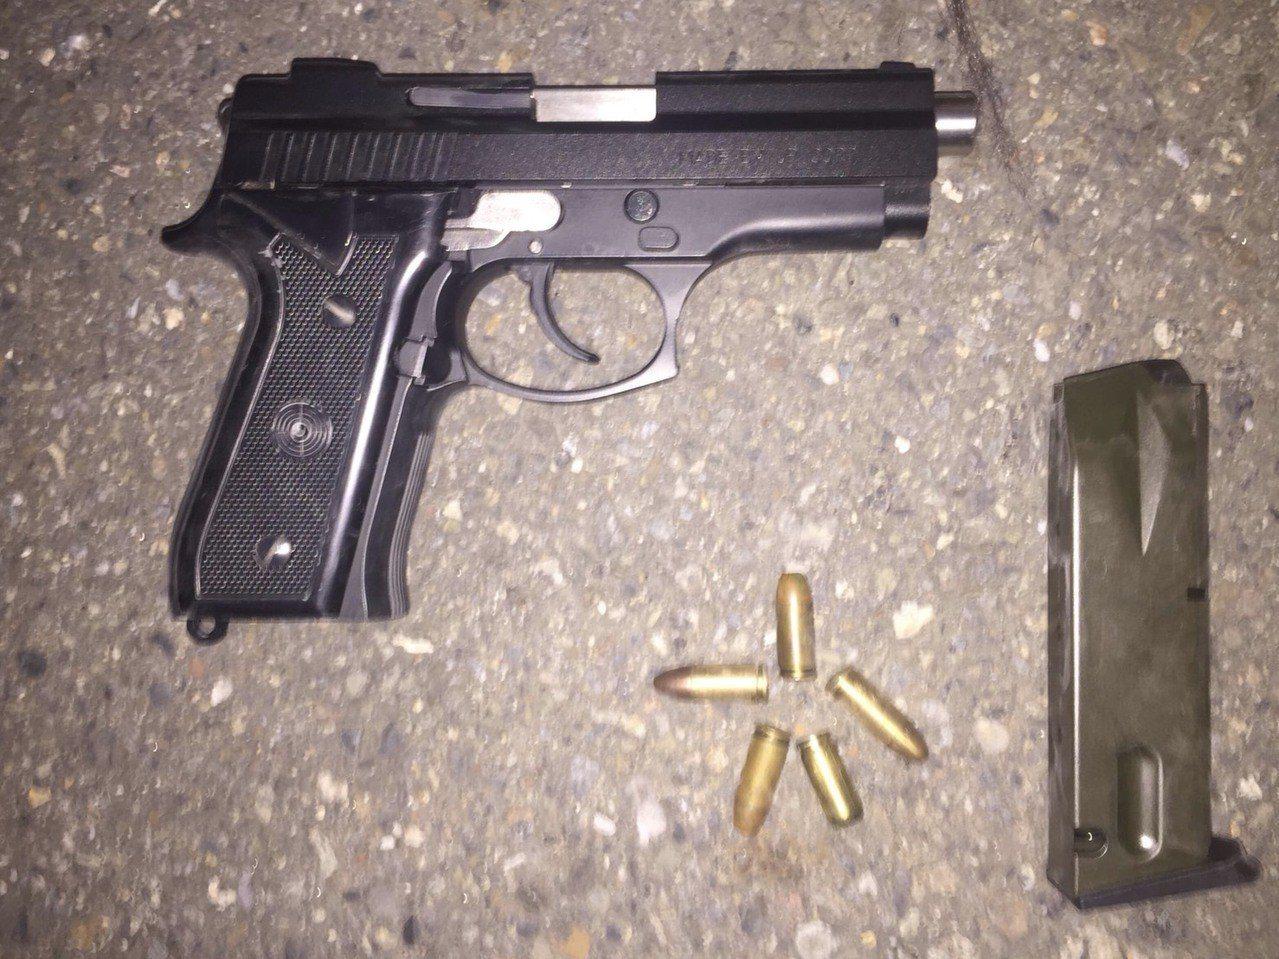 高雄市許姓男子涉嫌持有改造手槍及子彈,被警方查獲法辦。記者黃宣翰/翻攝